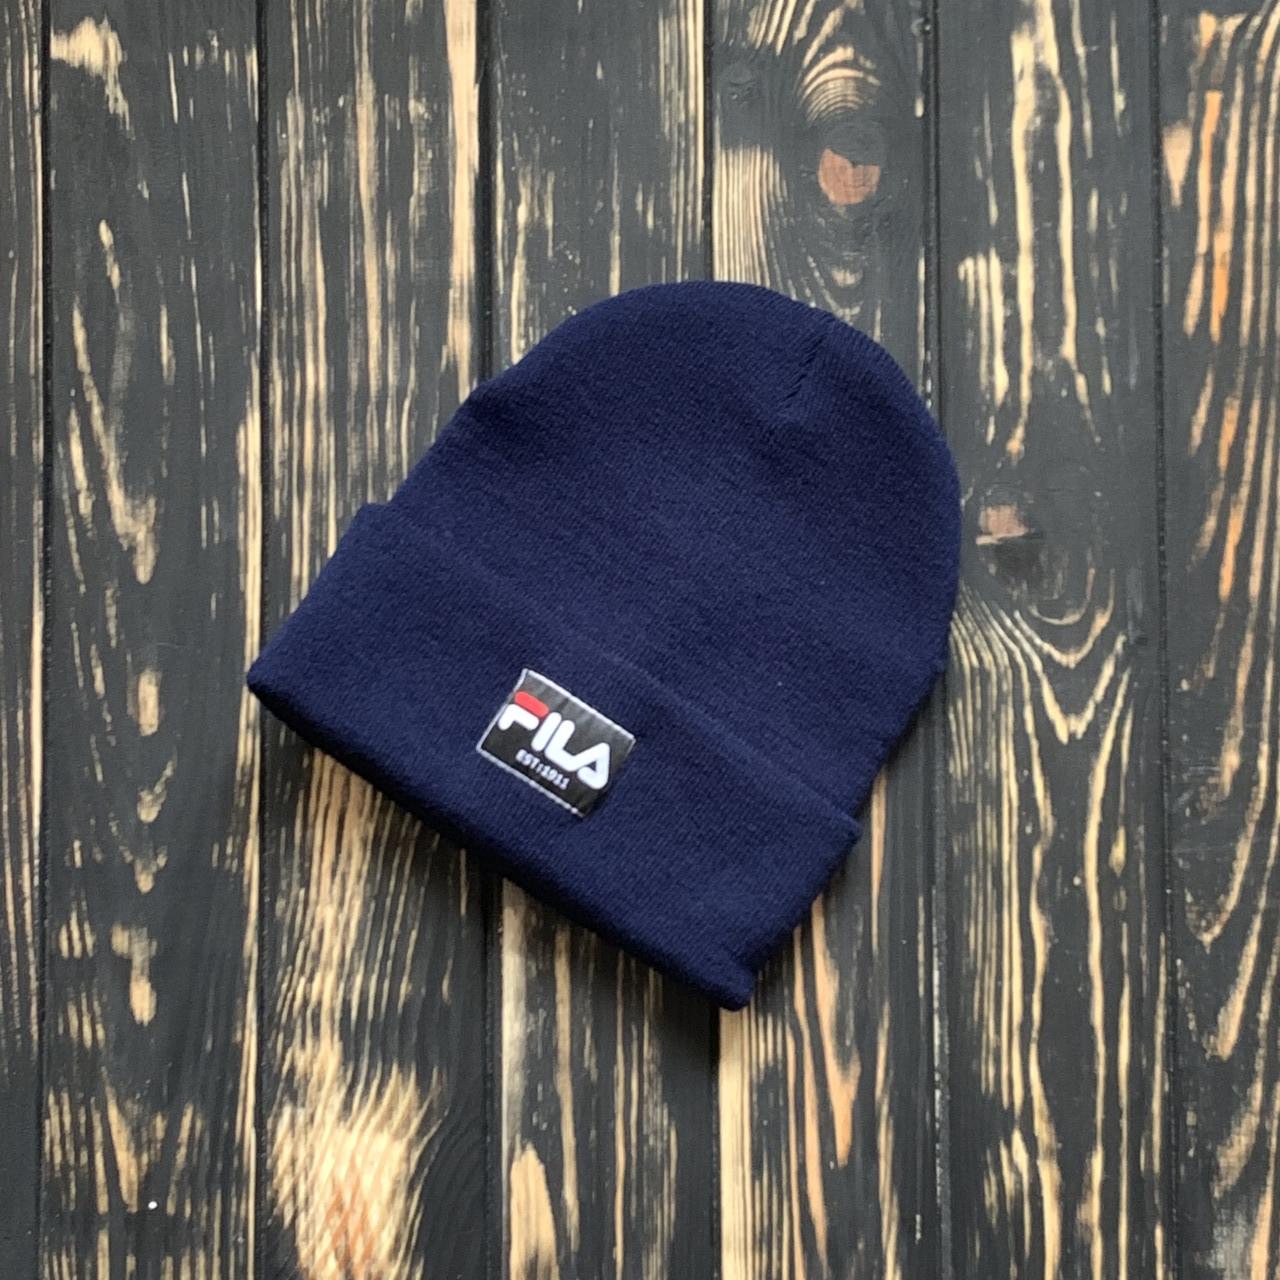 Мужская шапка Fila (Фила) синяя, зимняя